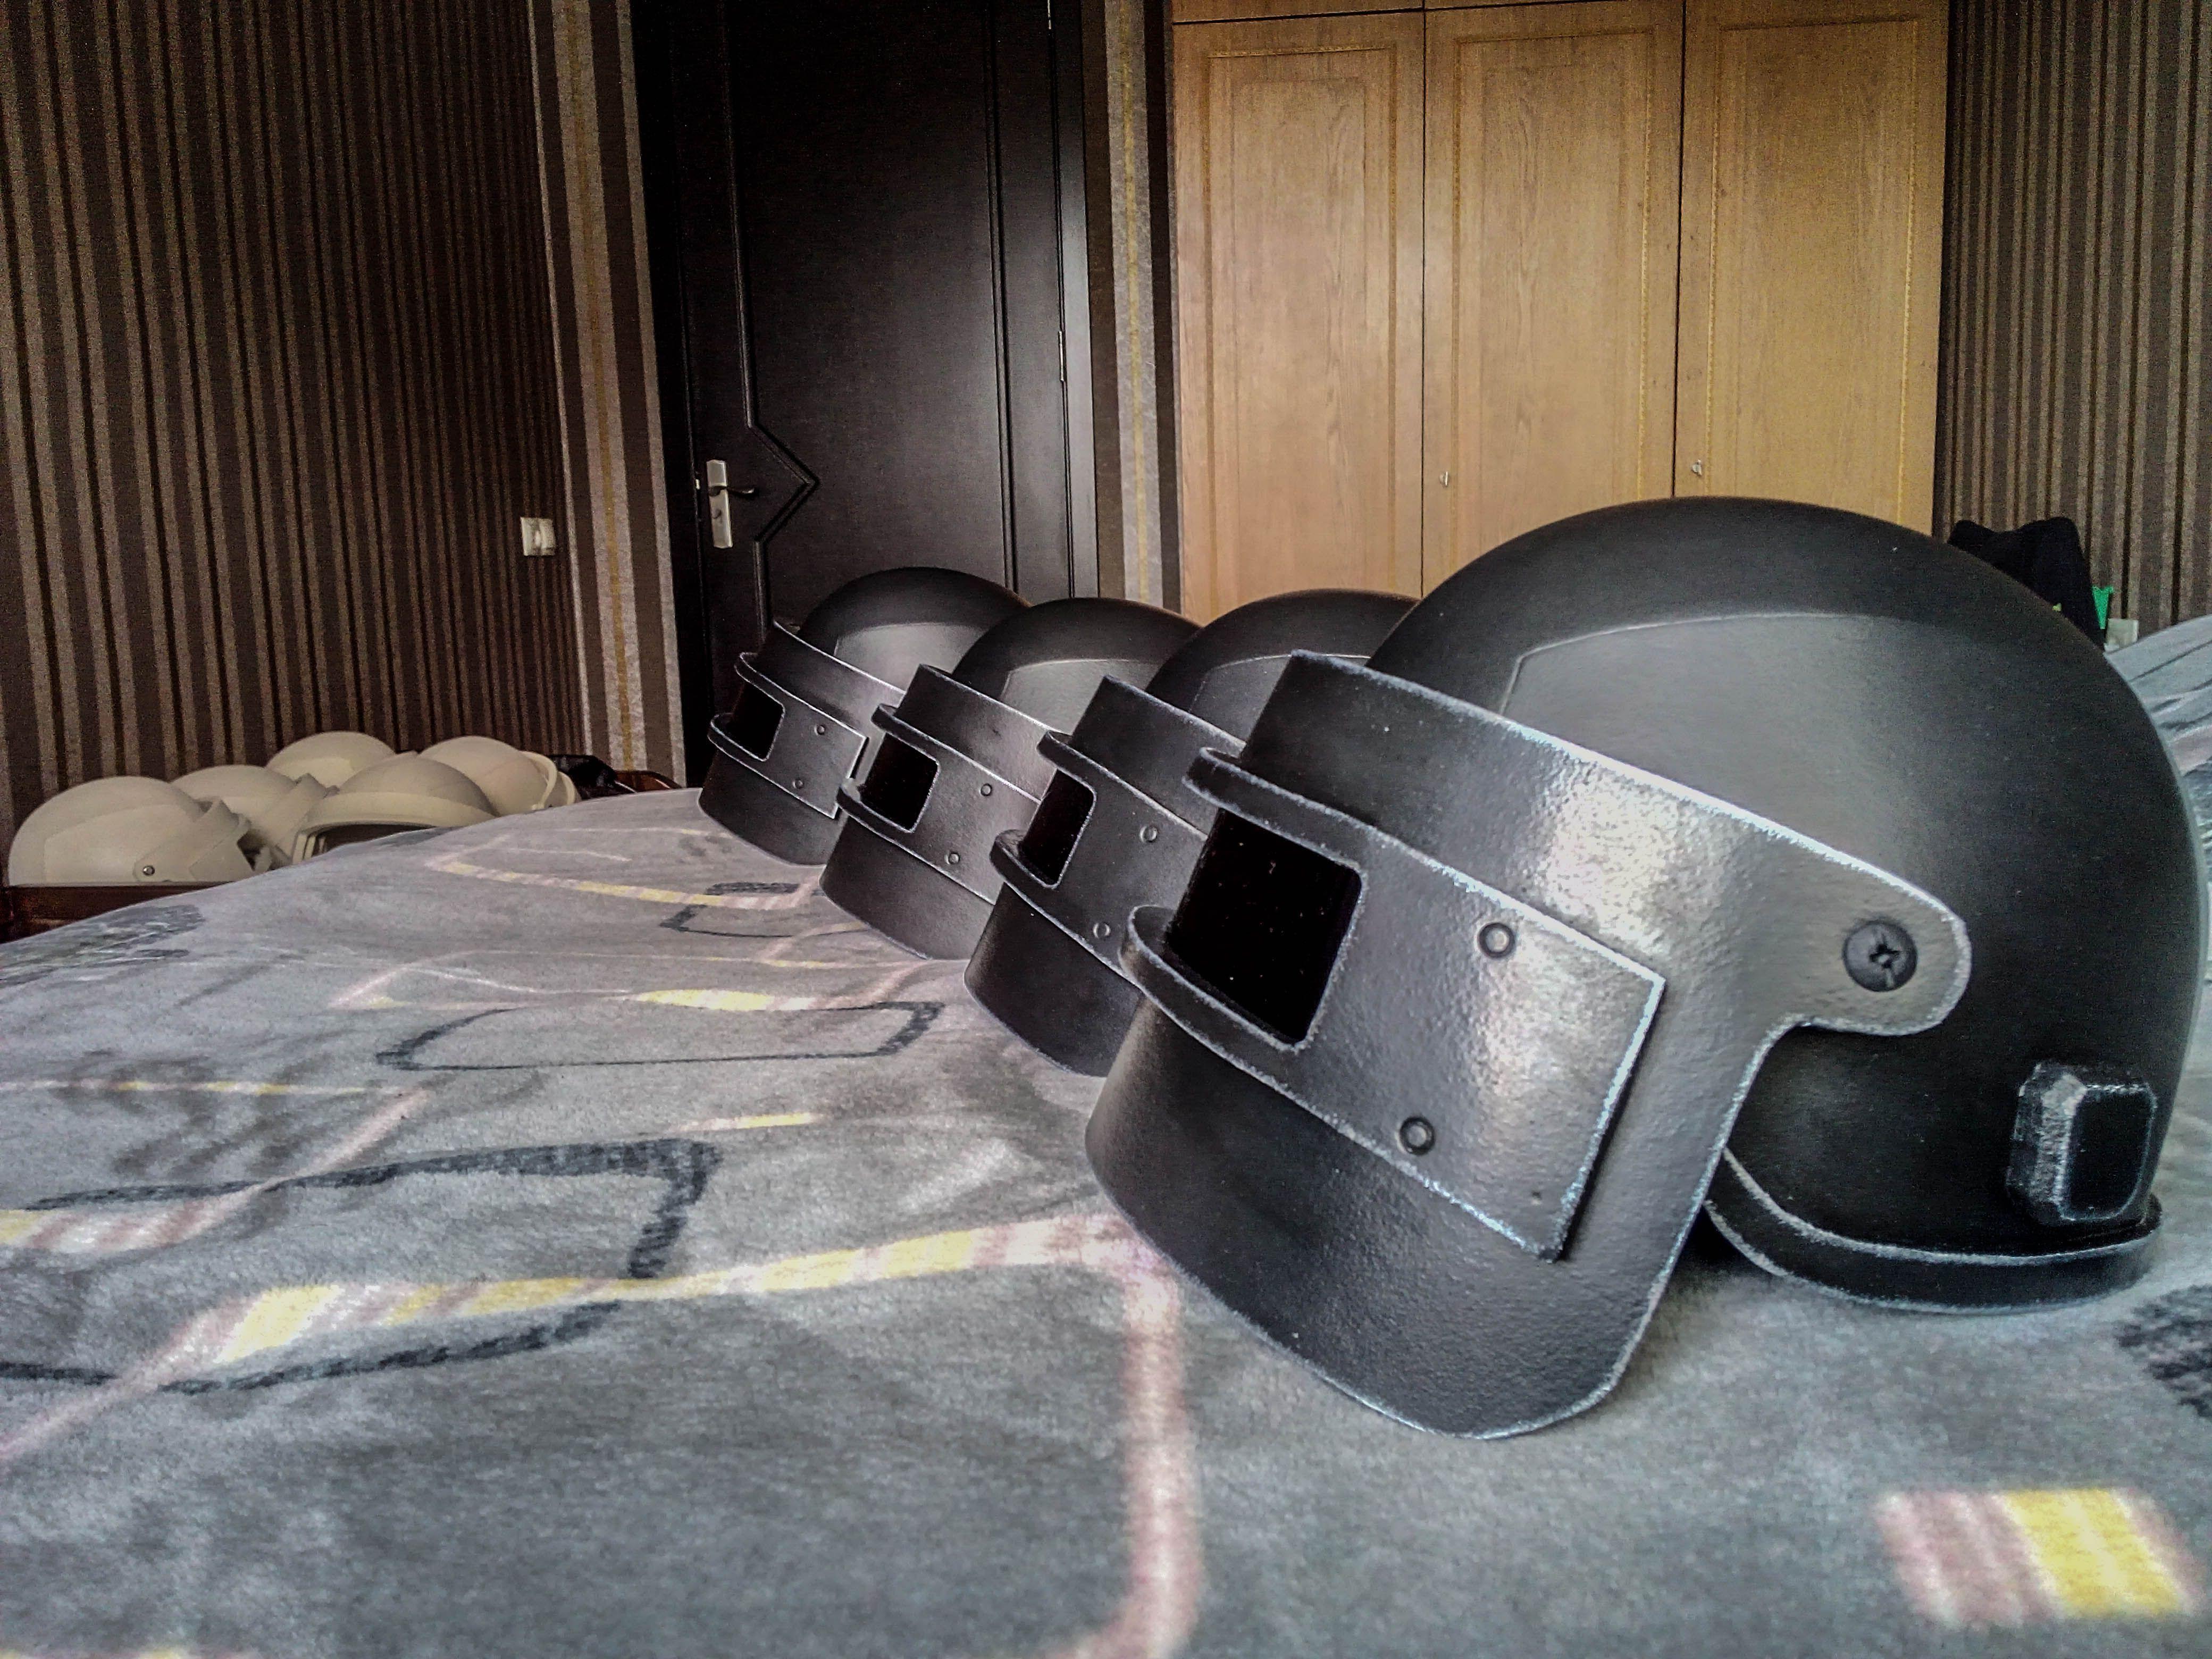 Pubg Hd Wallpaper Cave: PUBG Helmet Wallpapers